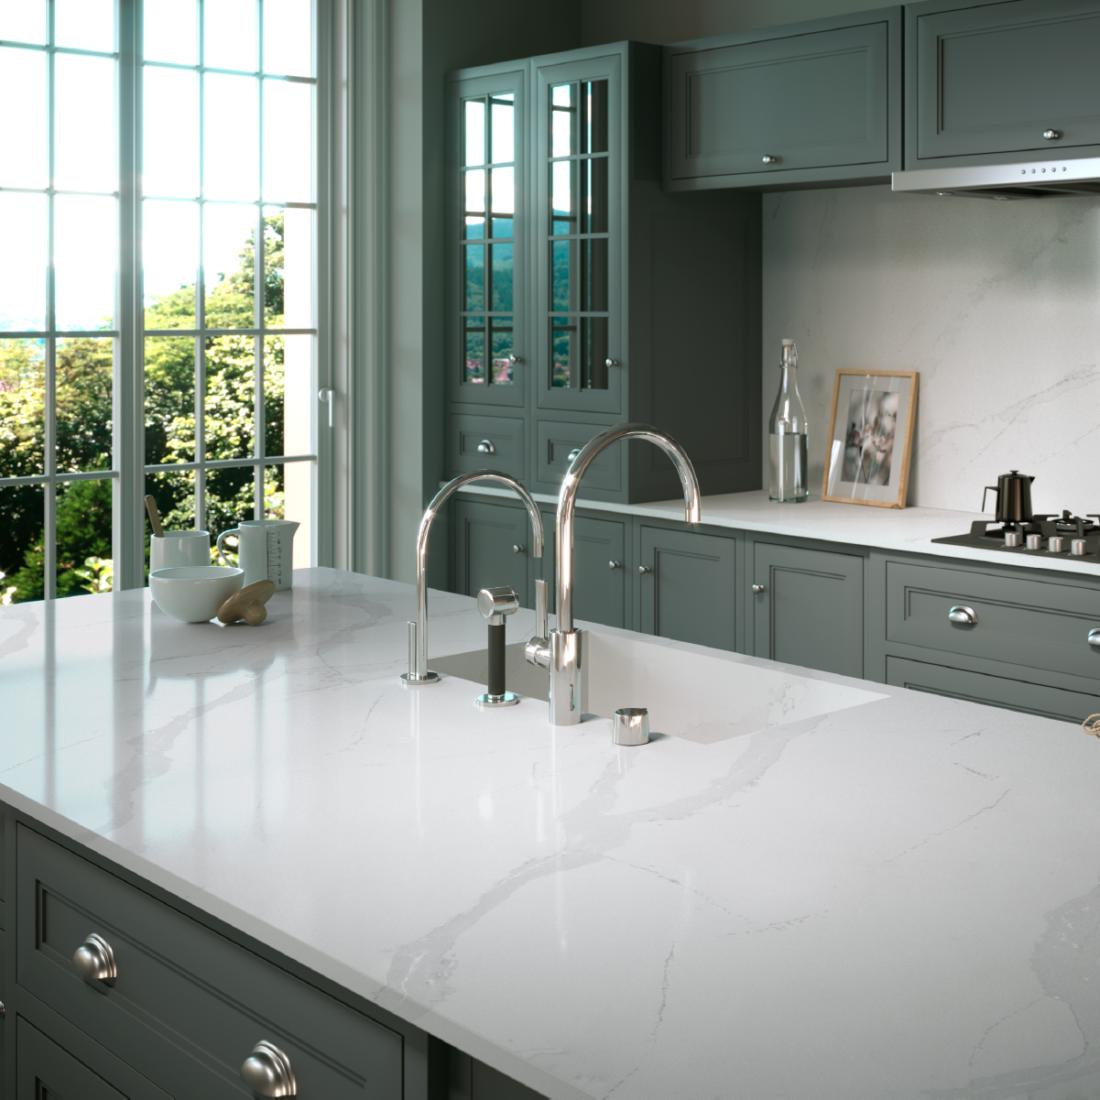 Image of Mesa de trabajo 8 copia 2@2x in Kitchens - Cosentino